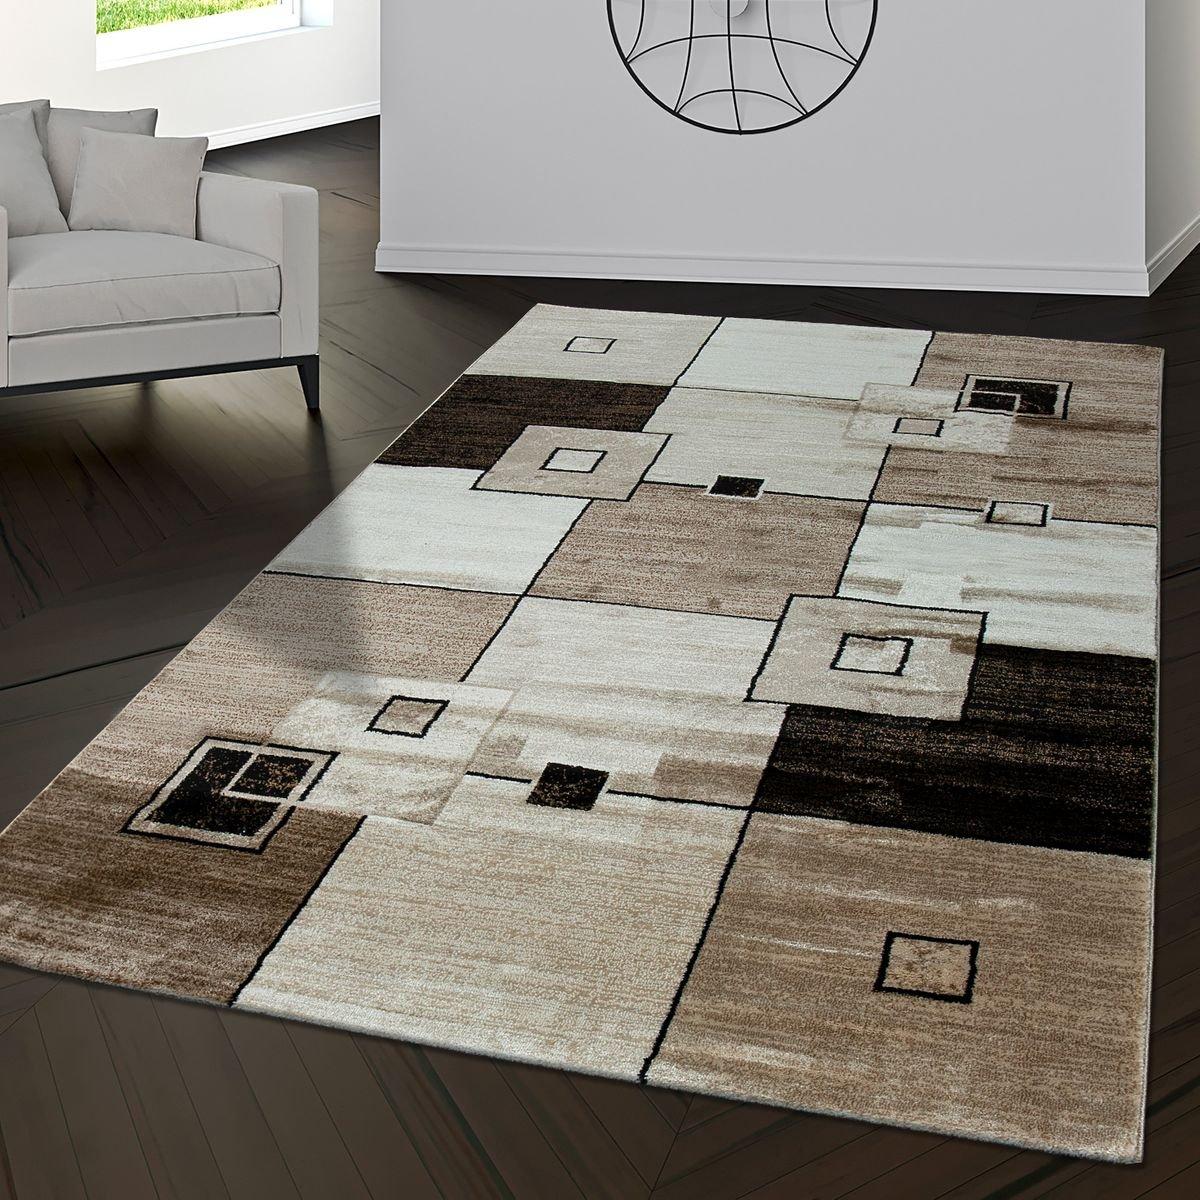 T&T Design Teppich Pisa Muster Rechtecke Kariert Wohnzimmerteppich Braun Beige Creme, Größe 160x230 cm